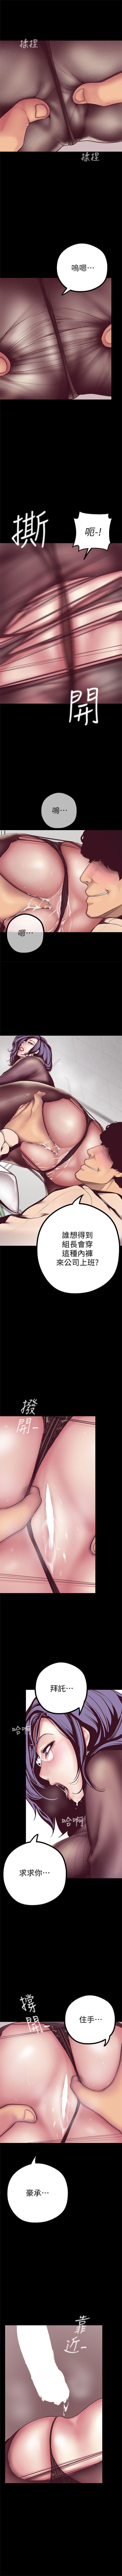 (週1)美麗新世界 1-76 中文翻譯 (更新中) 100